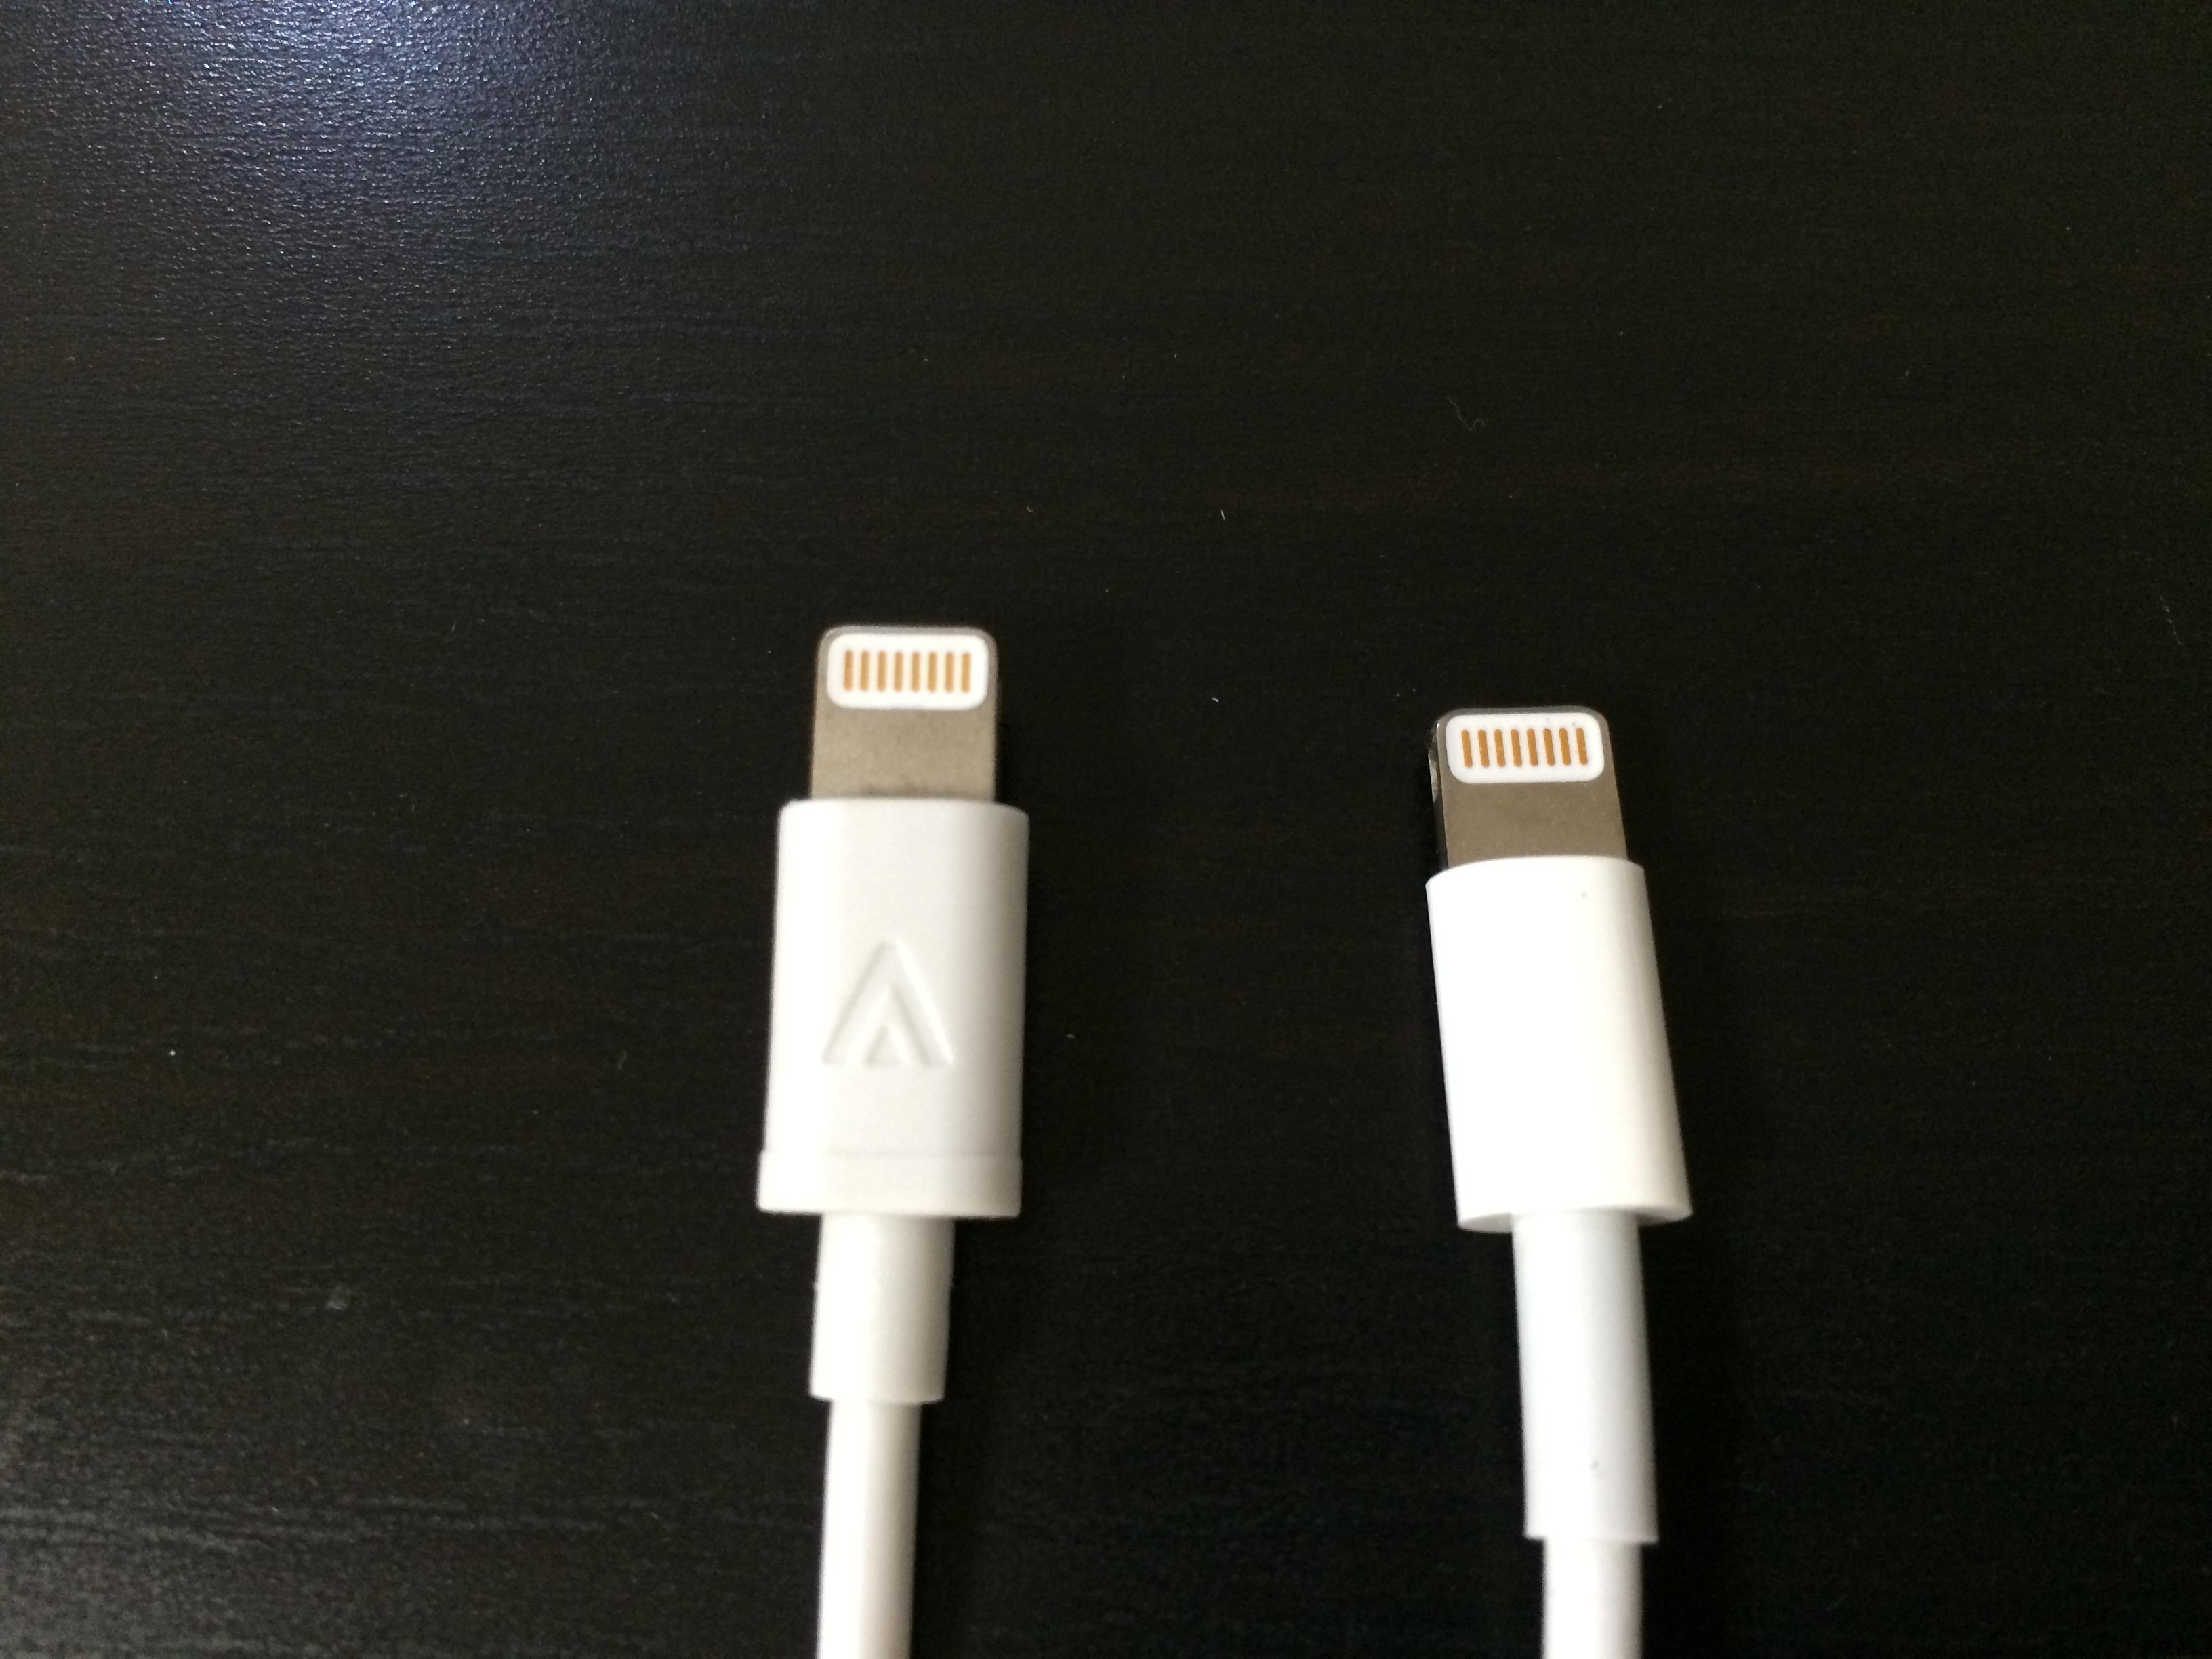 【本日10/1限定】iPhone 7で使えるAmazonのアップル認証ライトニングUSBケーブルが500円台で購入可能